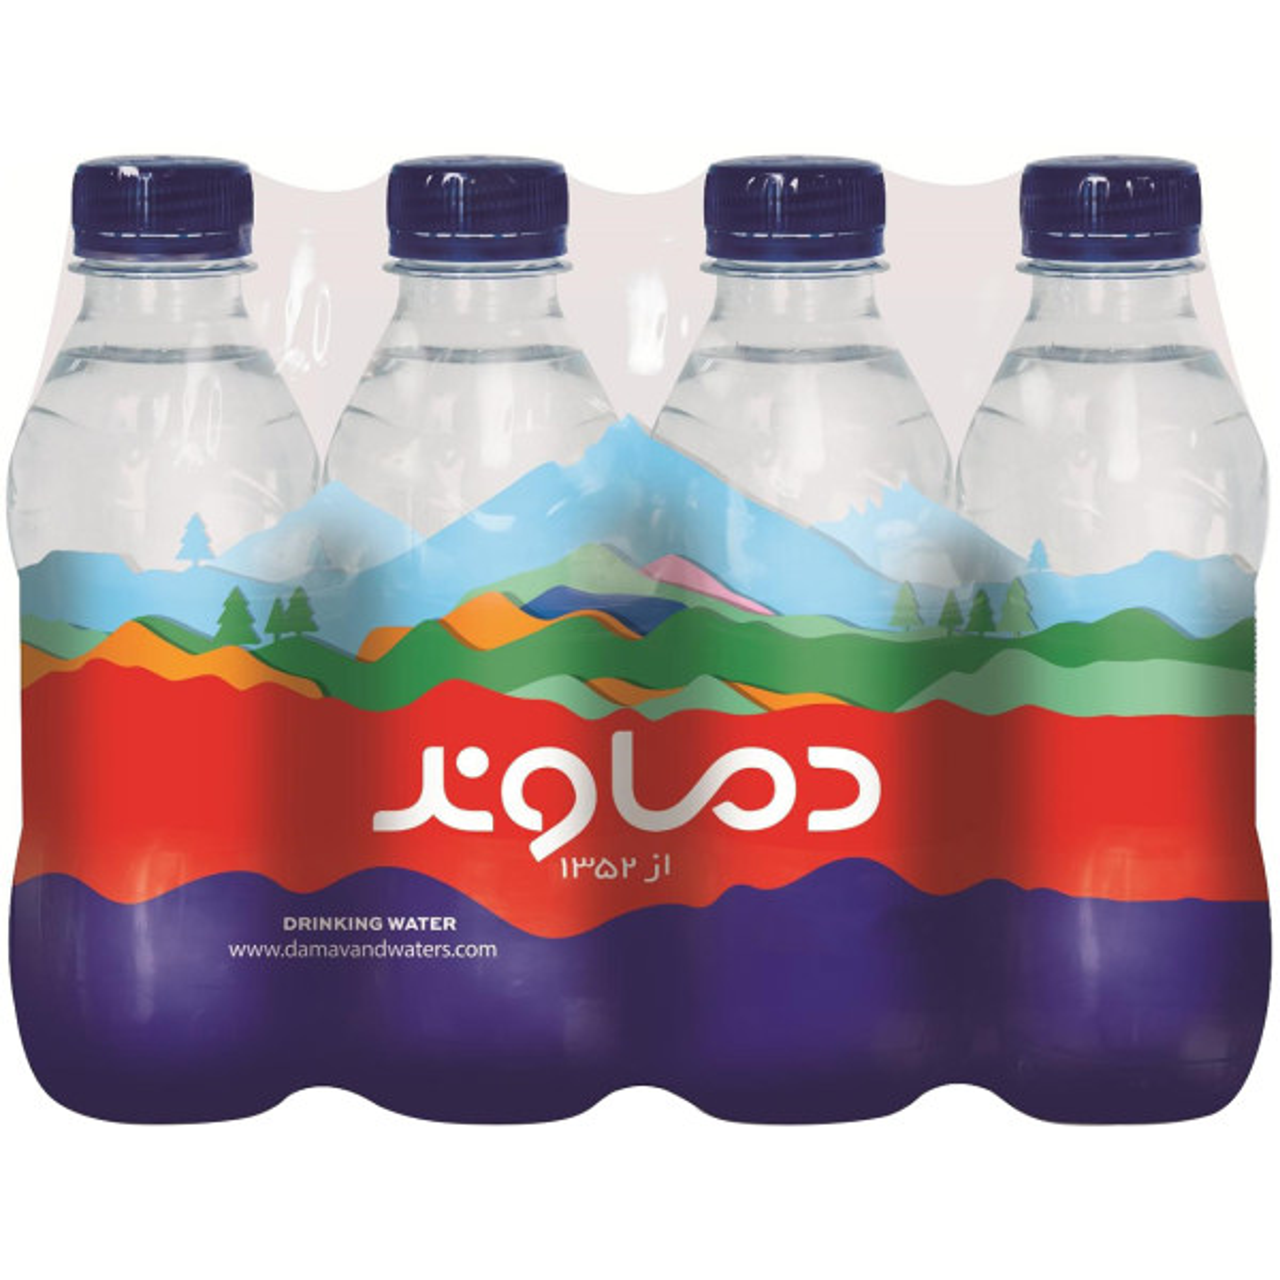 آب آشامیدنی دماوند حجم 296 میلی لیتر بسته 12 عددی